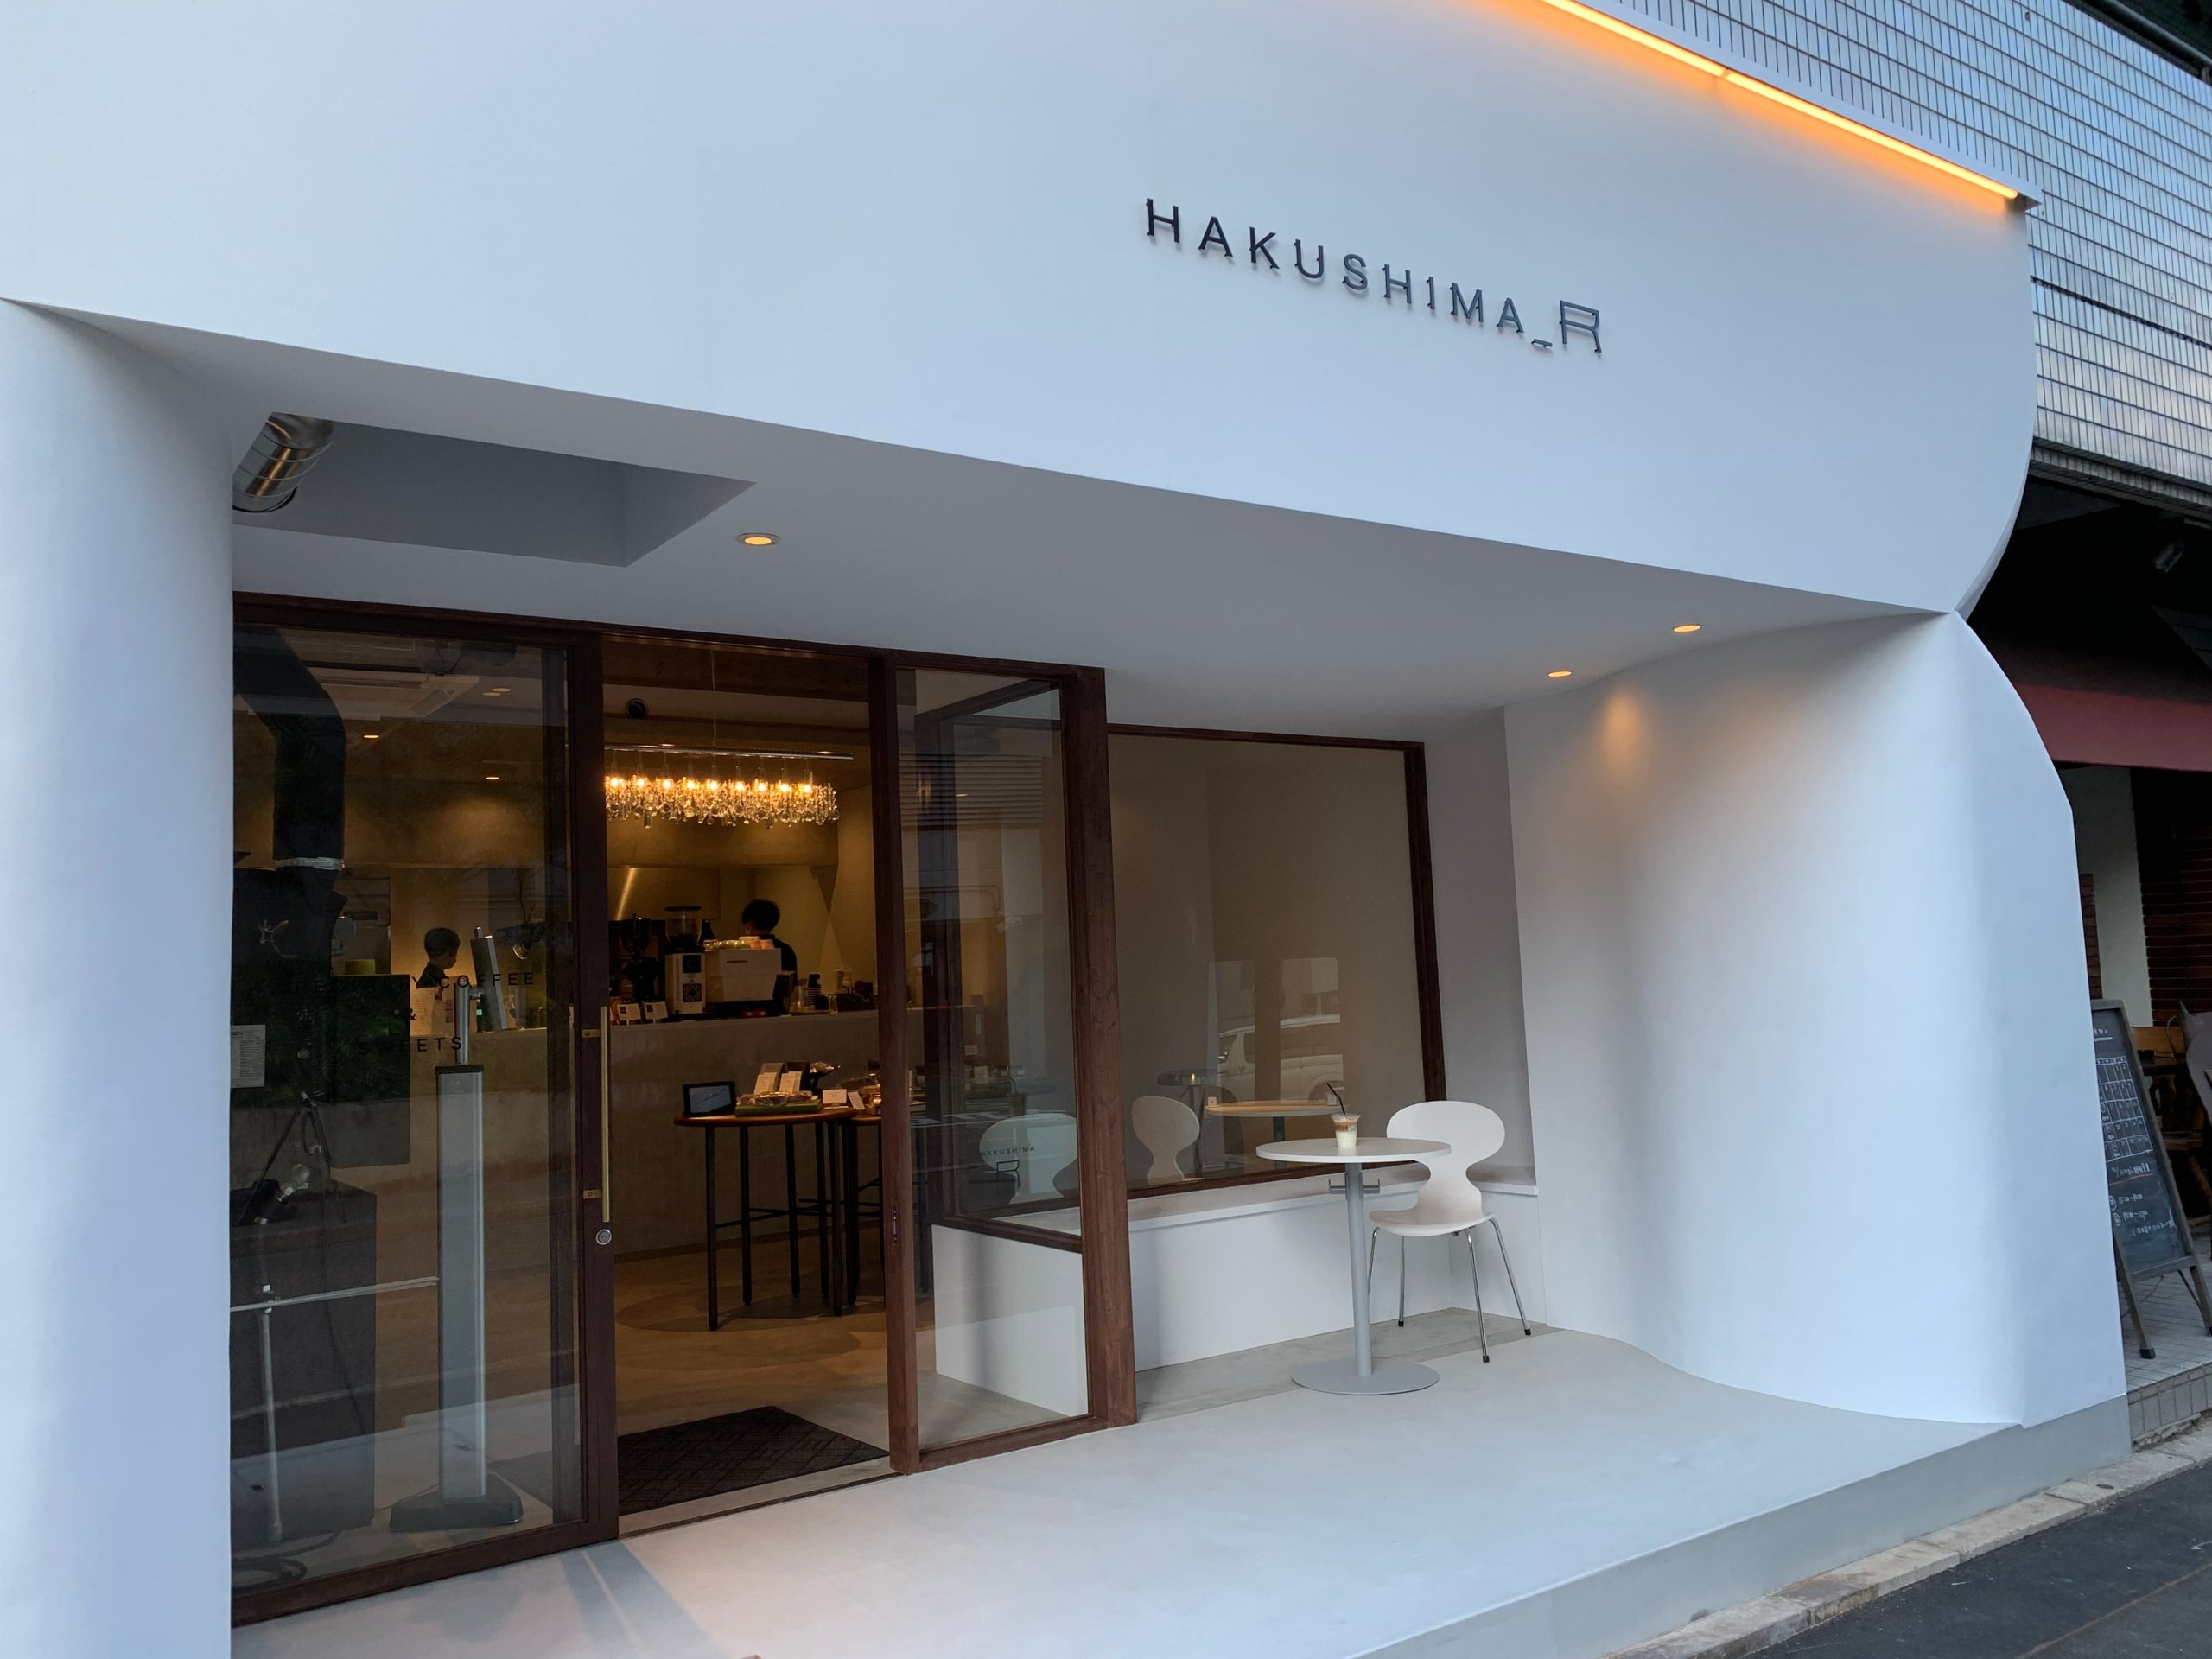 コーヒーとスイーツ&デリカのテイクアウト店「HAKUSHIMA_R」